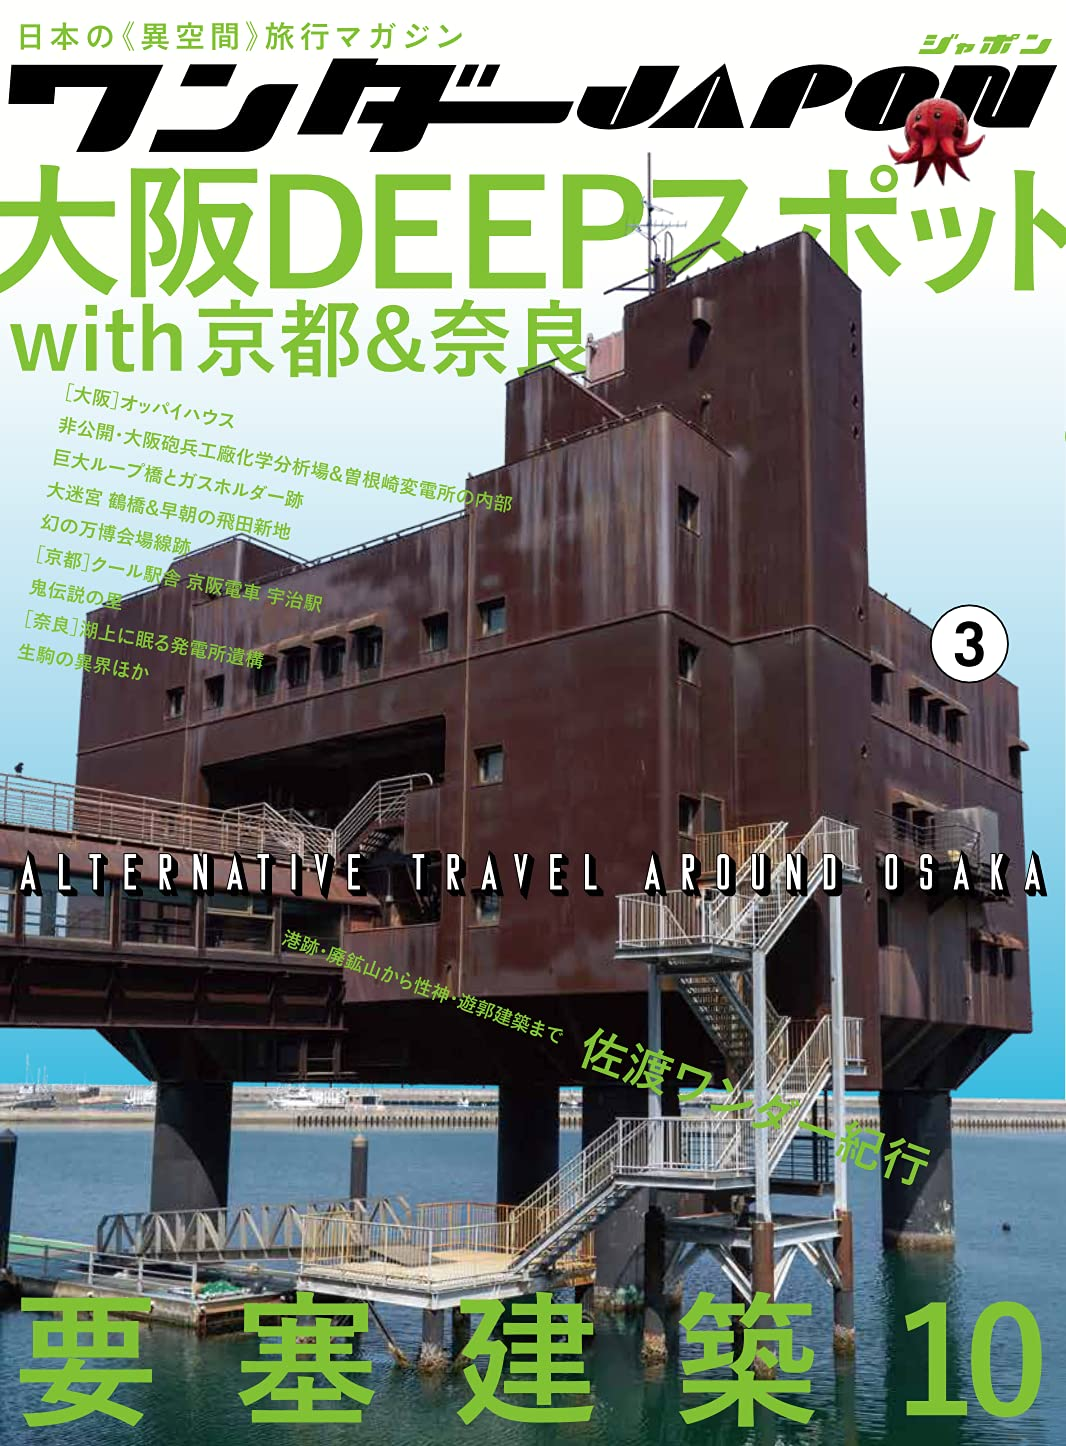 【新本】ワンダーJAPON 3 大阪DEEPスポット with奈良&京都画像